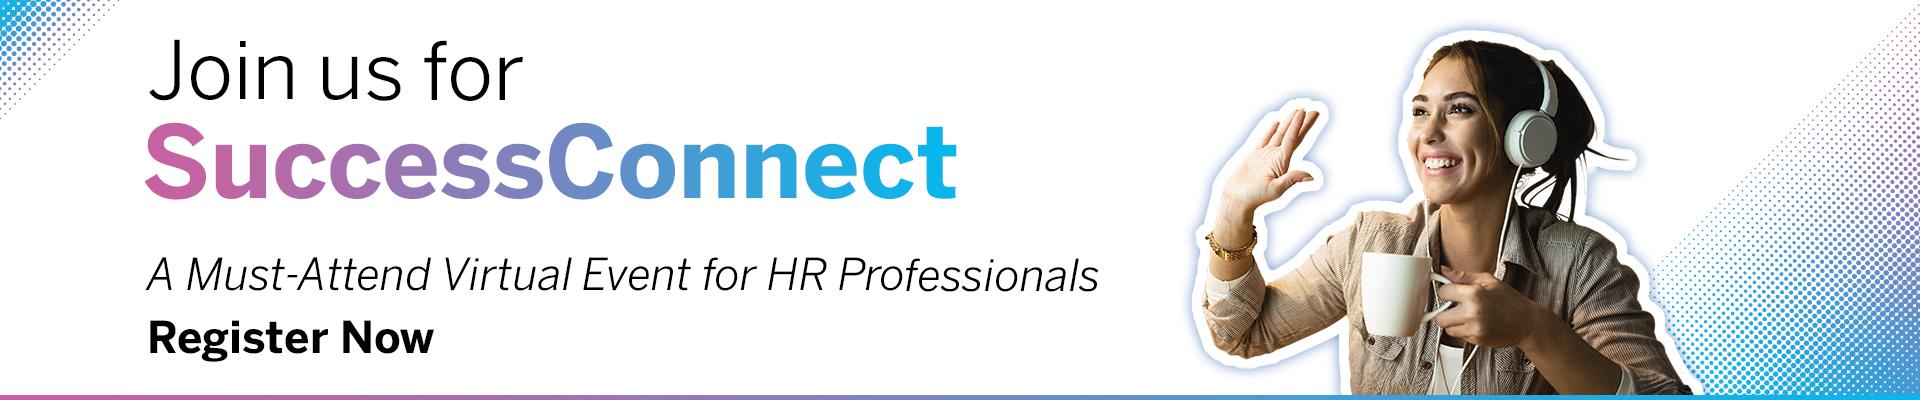 SuccessConnect2021-RegisterNow-WebBanner-Desktop-1920x400_v2